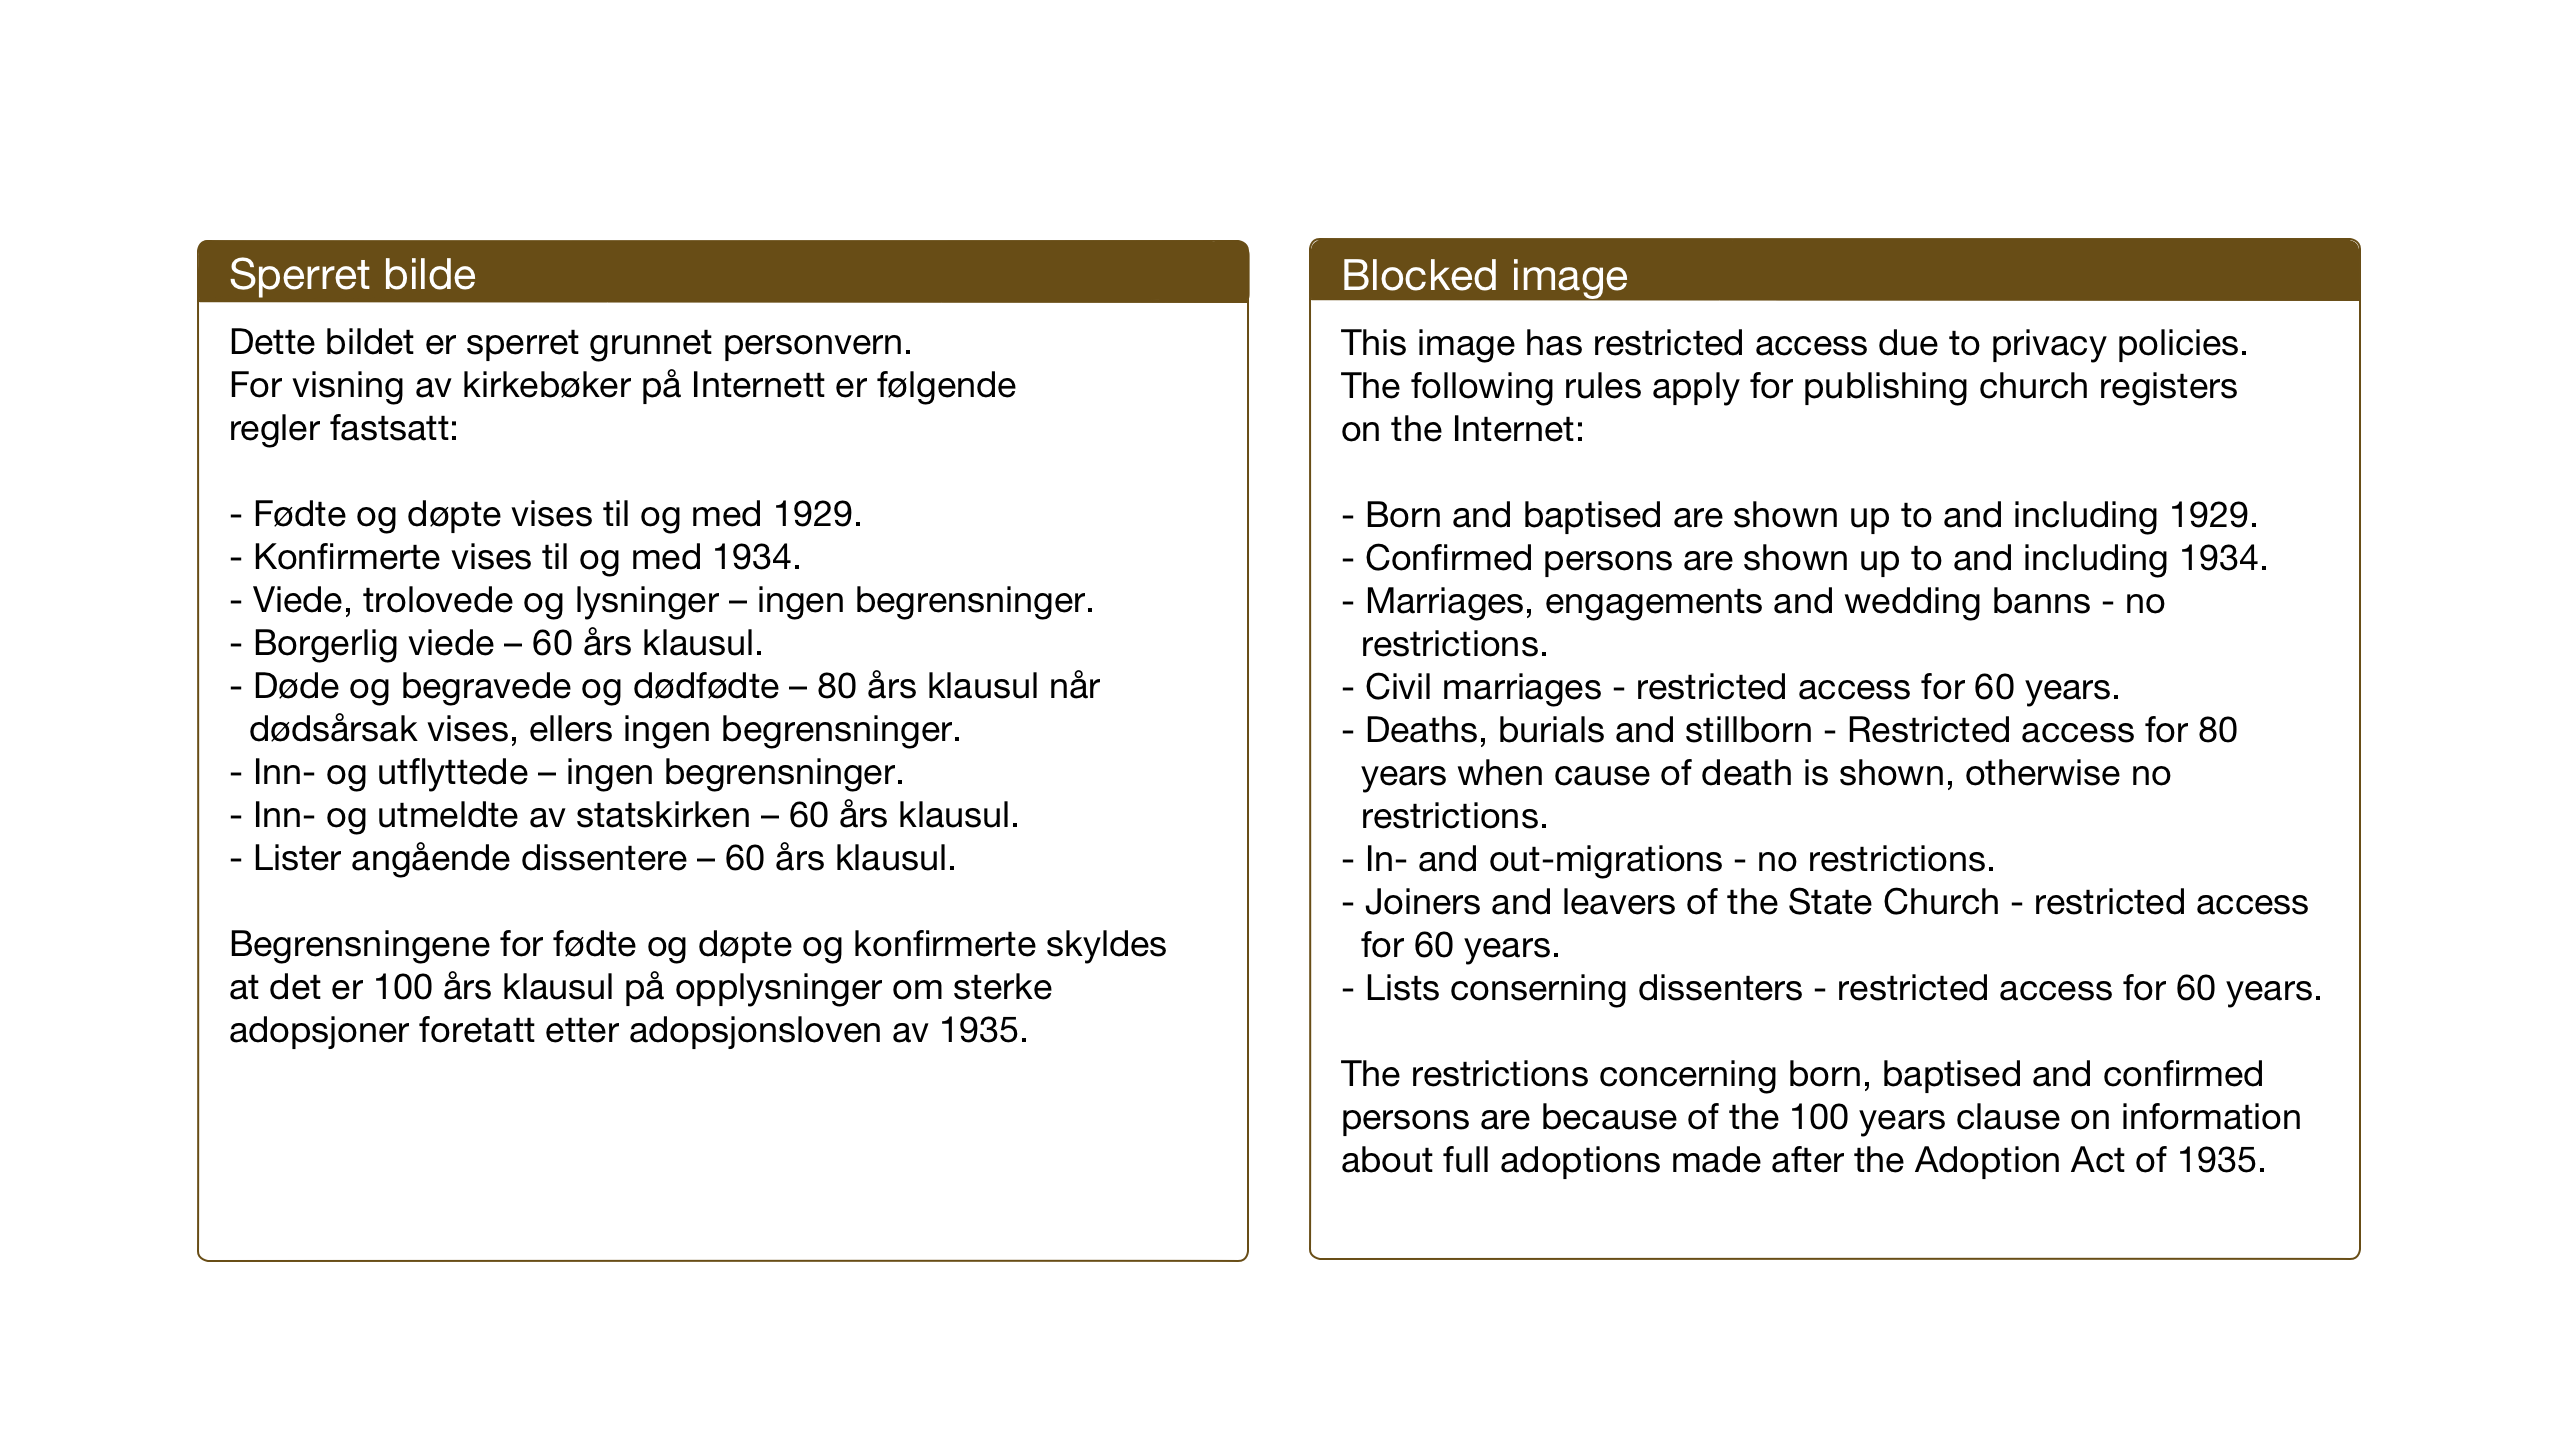 SAT, Ministerialprotokoller, klokkerbøker og fødselsregistre - Nord-Trøndelag, 745/L0434: Klokkerbok nr. 745C03, 1914-1937, s. 112